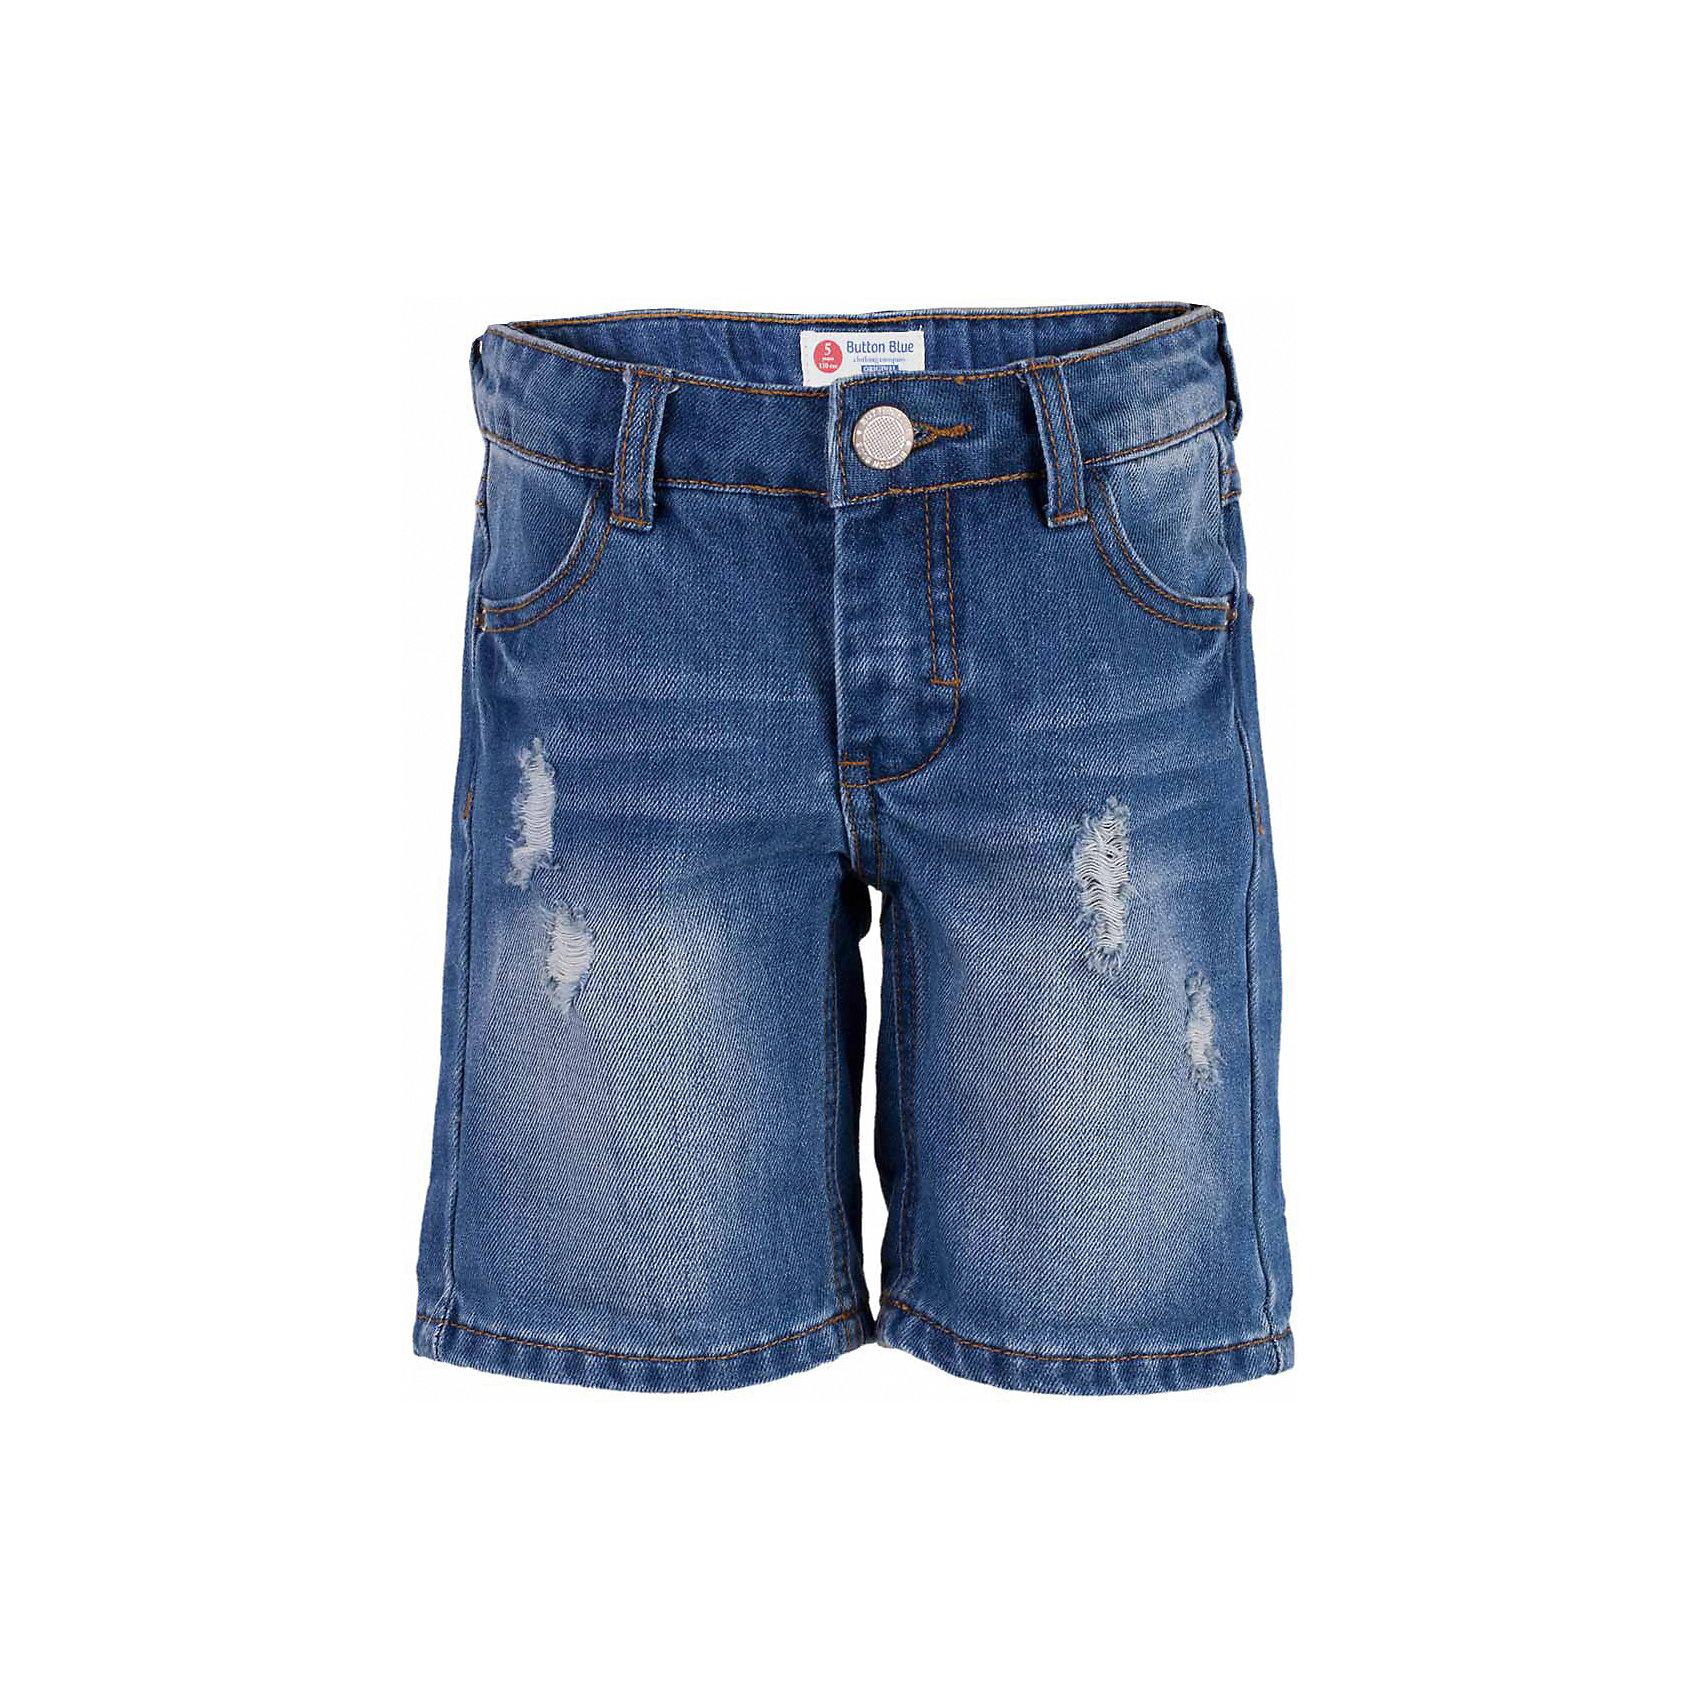 Шорты джинсовые для мальчика  BUTTON BLUEДжинсовая одежда<br>Шорты для мальчика  BUTTON BLUE<br>Классные джинсовые шорты с потертостями, варкой и повреждениями - прекрасное решение на каждый день! И дома, и в лагере, и на спортивной площадке эти шорты для мальчика обеспечат комфорт и соответствие модным трендам. Купить недорого детские шорты от Button Blue , значит, сделать каждый летний день ребенка радостным и беззаботным!<br>Состав:<br>100%  хлопок<br><br>Ширина мм: 191<br>Глубина мм: 10<br>Высота мм: 175<br>Вес г: 273<br>Цвет: голубой<br>Возраст от месяцев: 132<br>Возраст до месяцев: 144<br>Пол: Мужской<br>Возраст: Детский<br>Размер: 158,98,104,152,110,116,134,140,146<br>SKU: 5524634